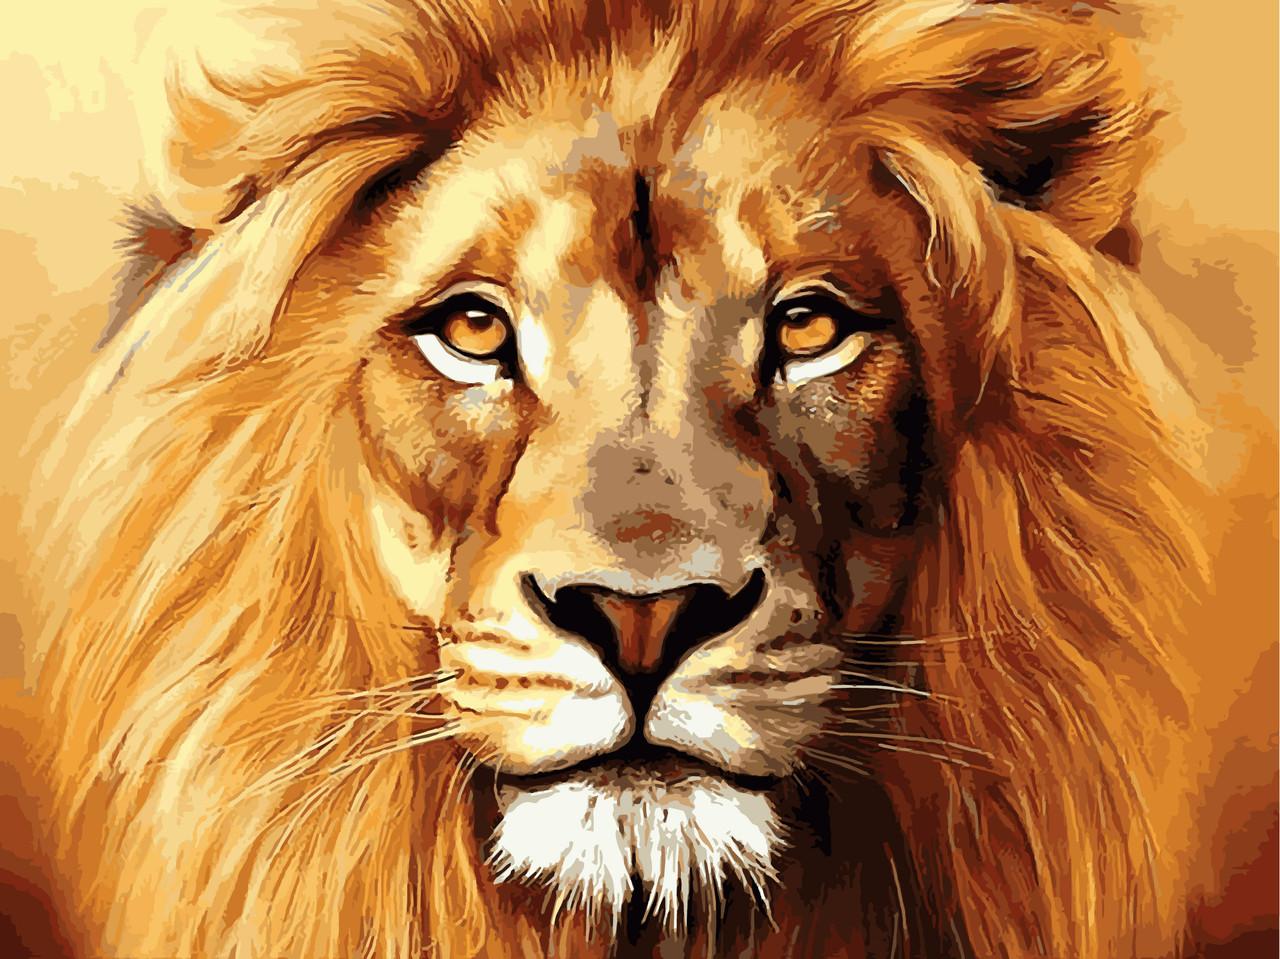 Картина по номерам Babylon Гордый лев 30*40 см (в коробке) арт.VK100